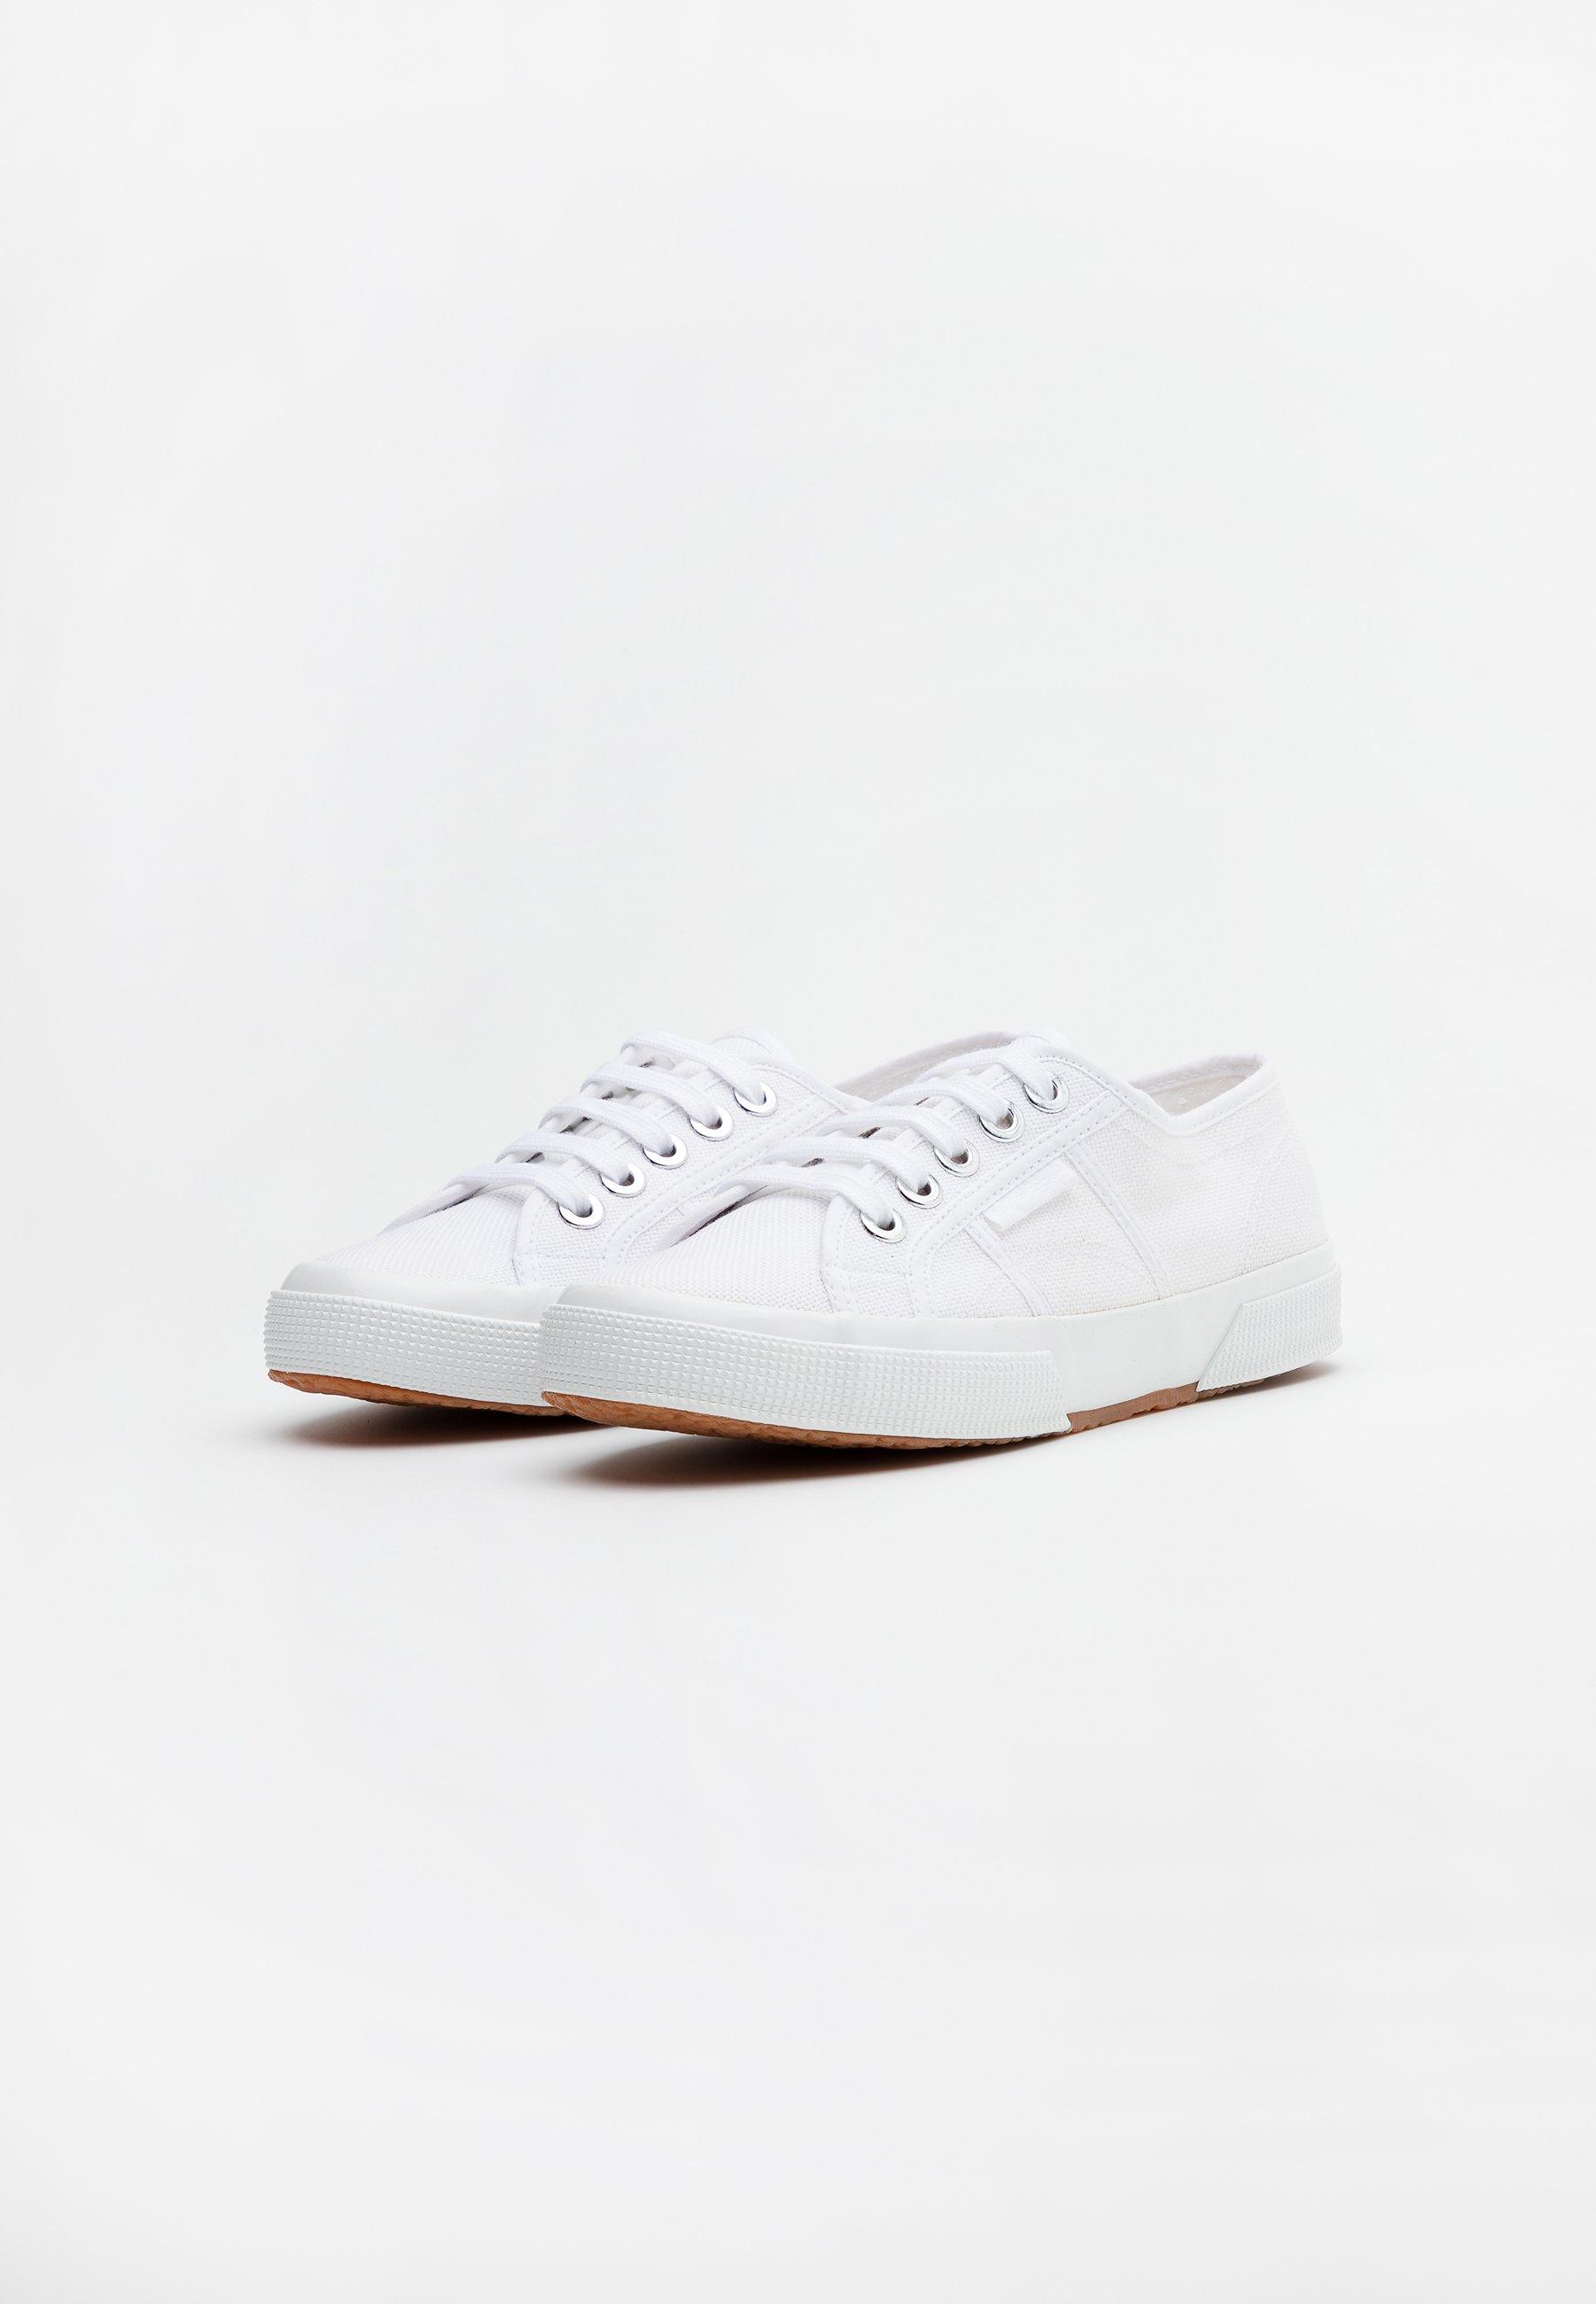 Superga 2750 - Sneakers White/platinum